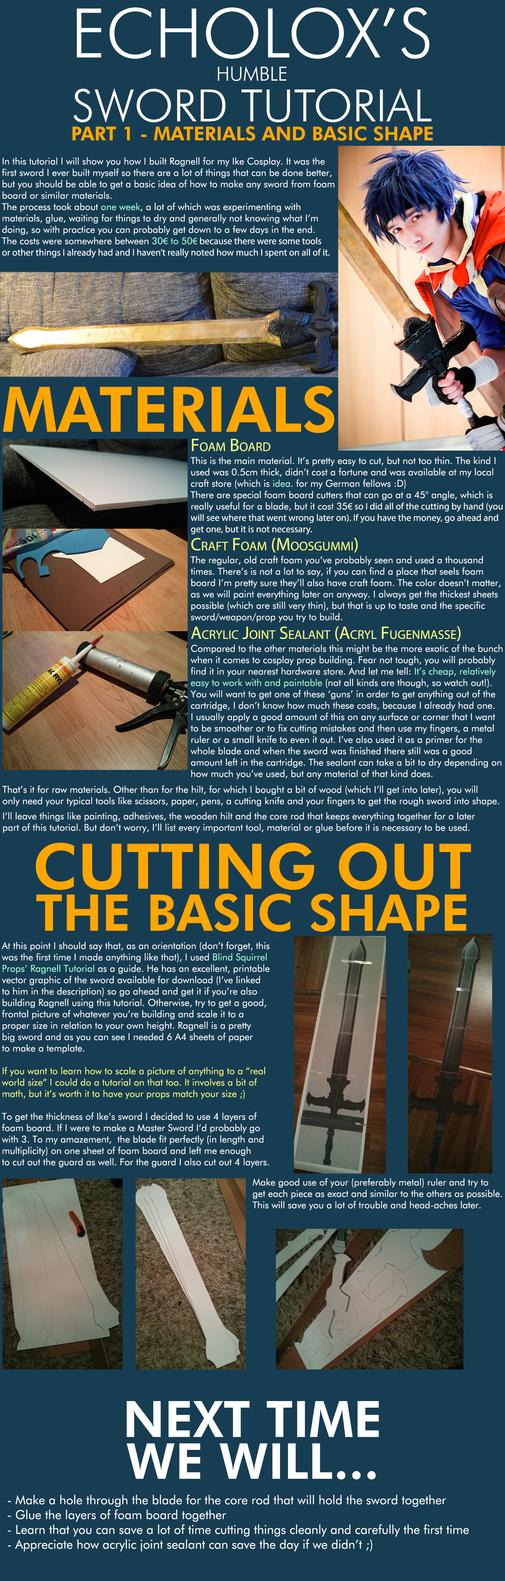 Cosplay Foam Sword Tutorial - Ike's Ragnell Part 1 by Echolox